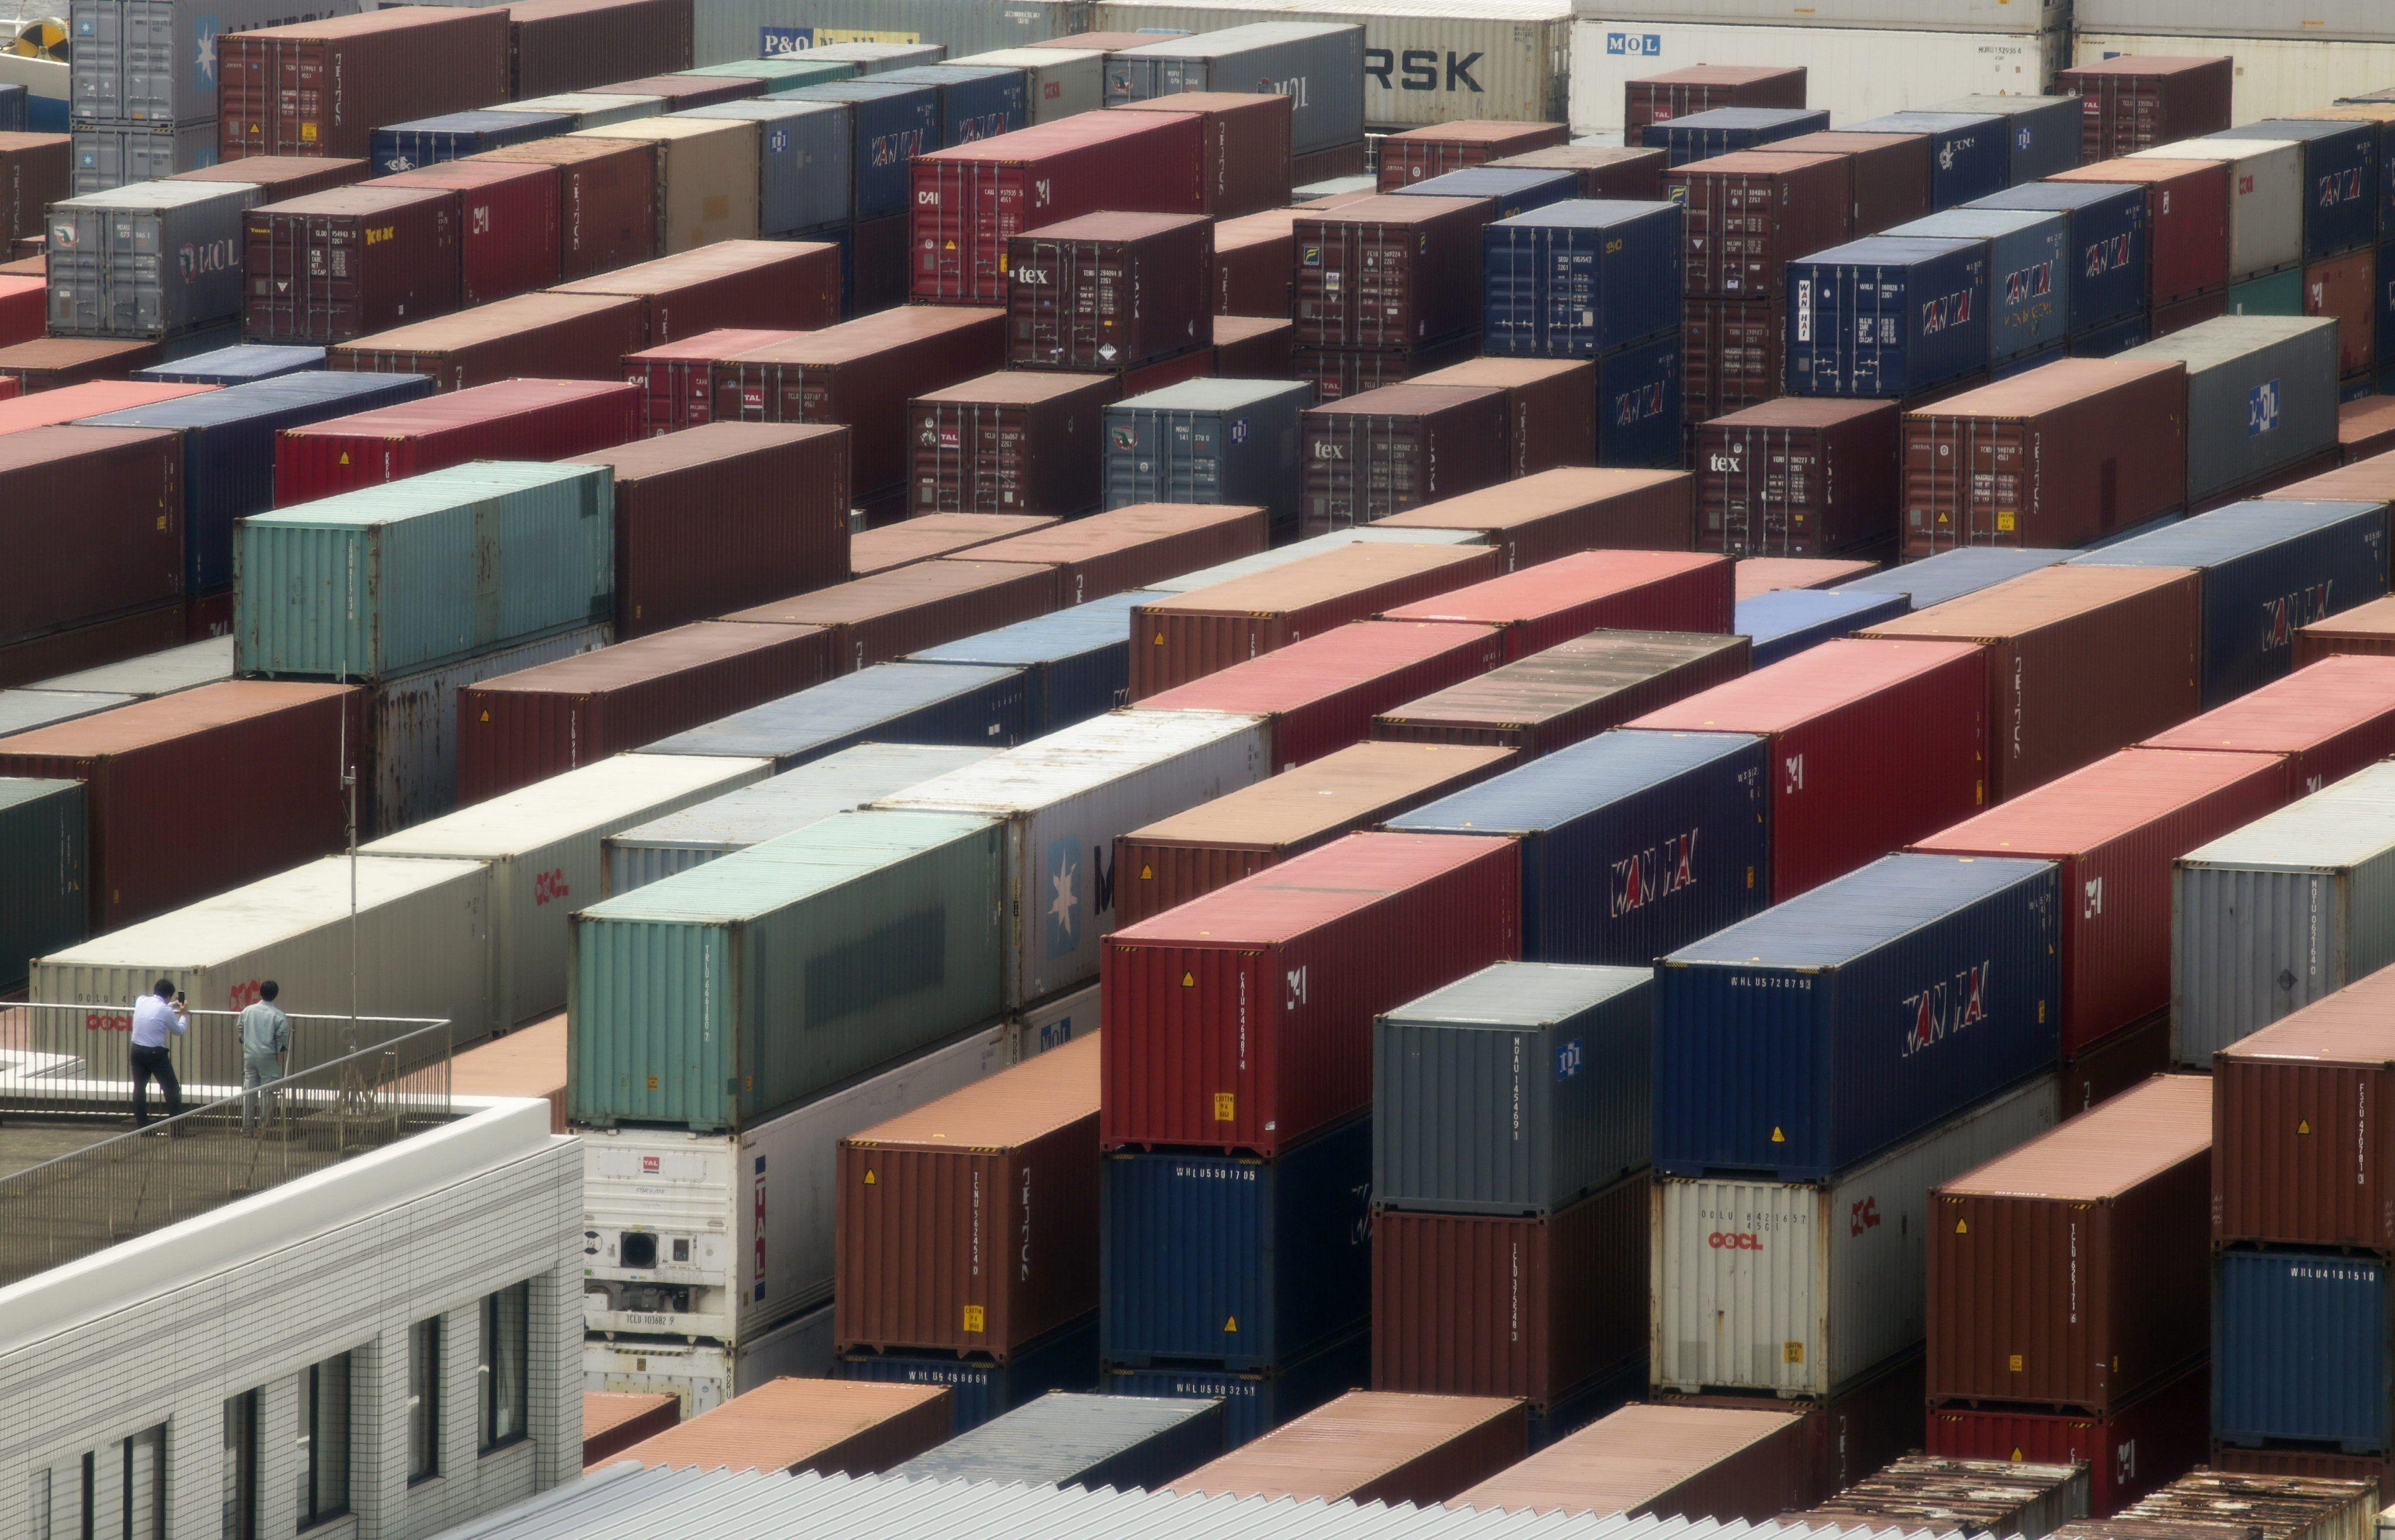 De acuerdo al informe oficial del Instituto Nacional de Estadísticas y Censos (Indec) de Argentina, el volumen del intercambio comercial (exportaciones más importaciones) disminuyó un 15,3 % interanual y alcanzó un valor de 8.440 millones de dólares. EFE/Kimimasa Mayama/Archivo